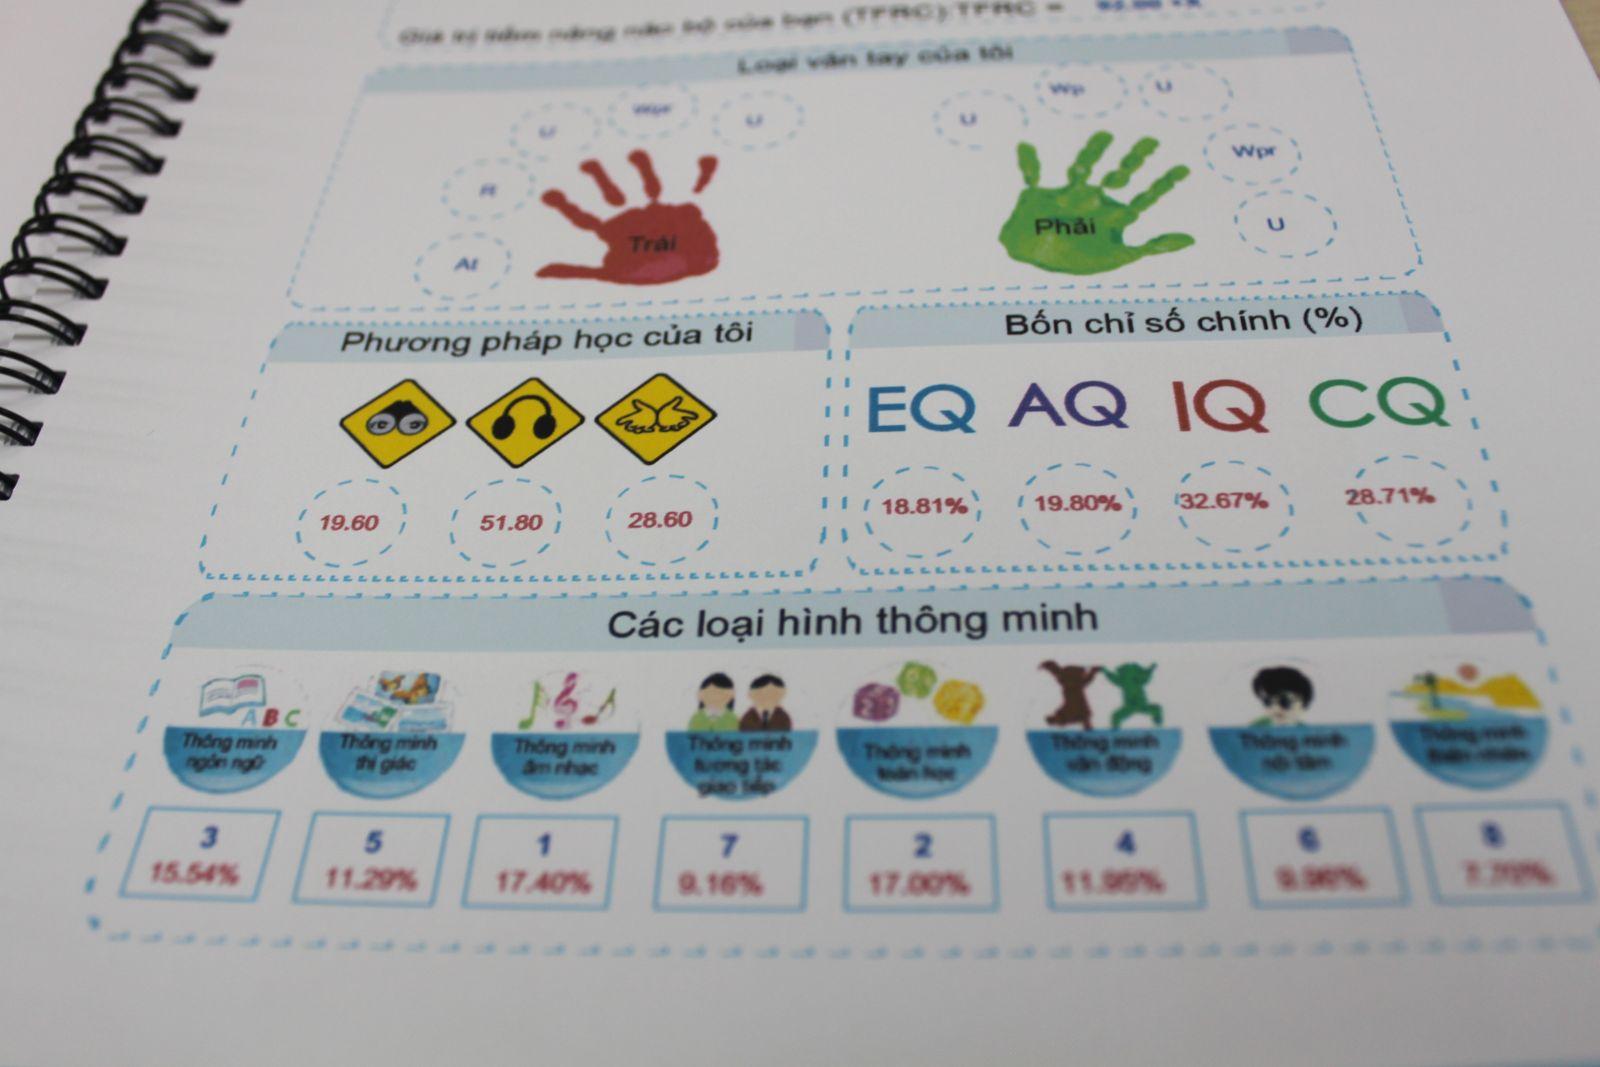 bài báo cáo phân tích sinh trắc học dấu vân tay